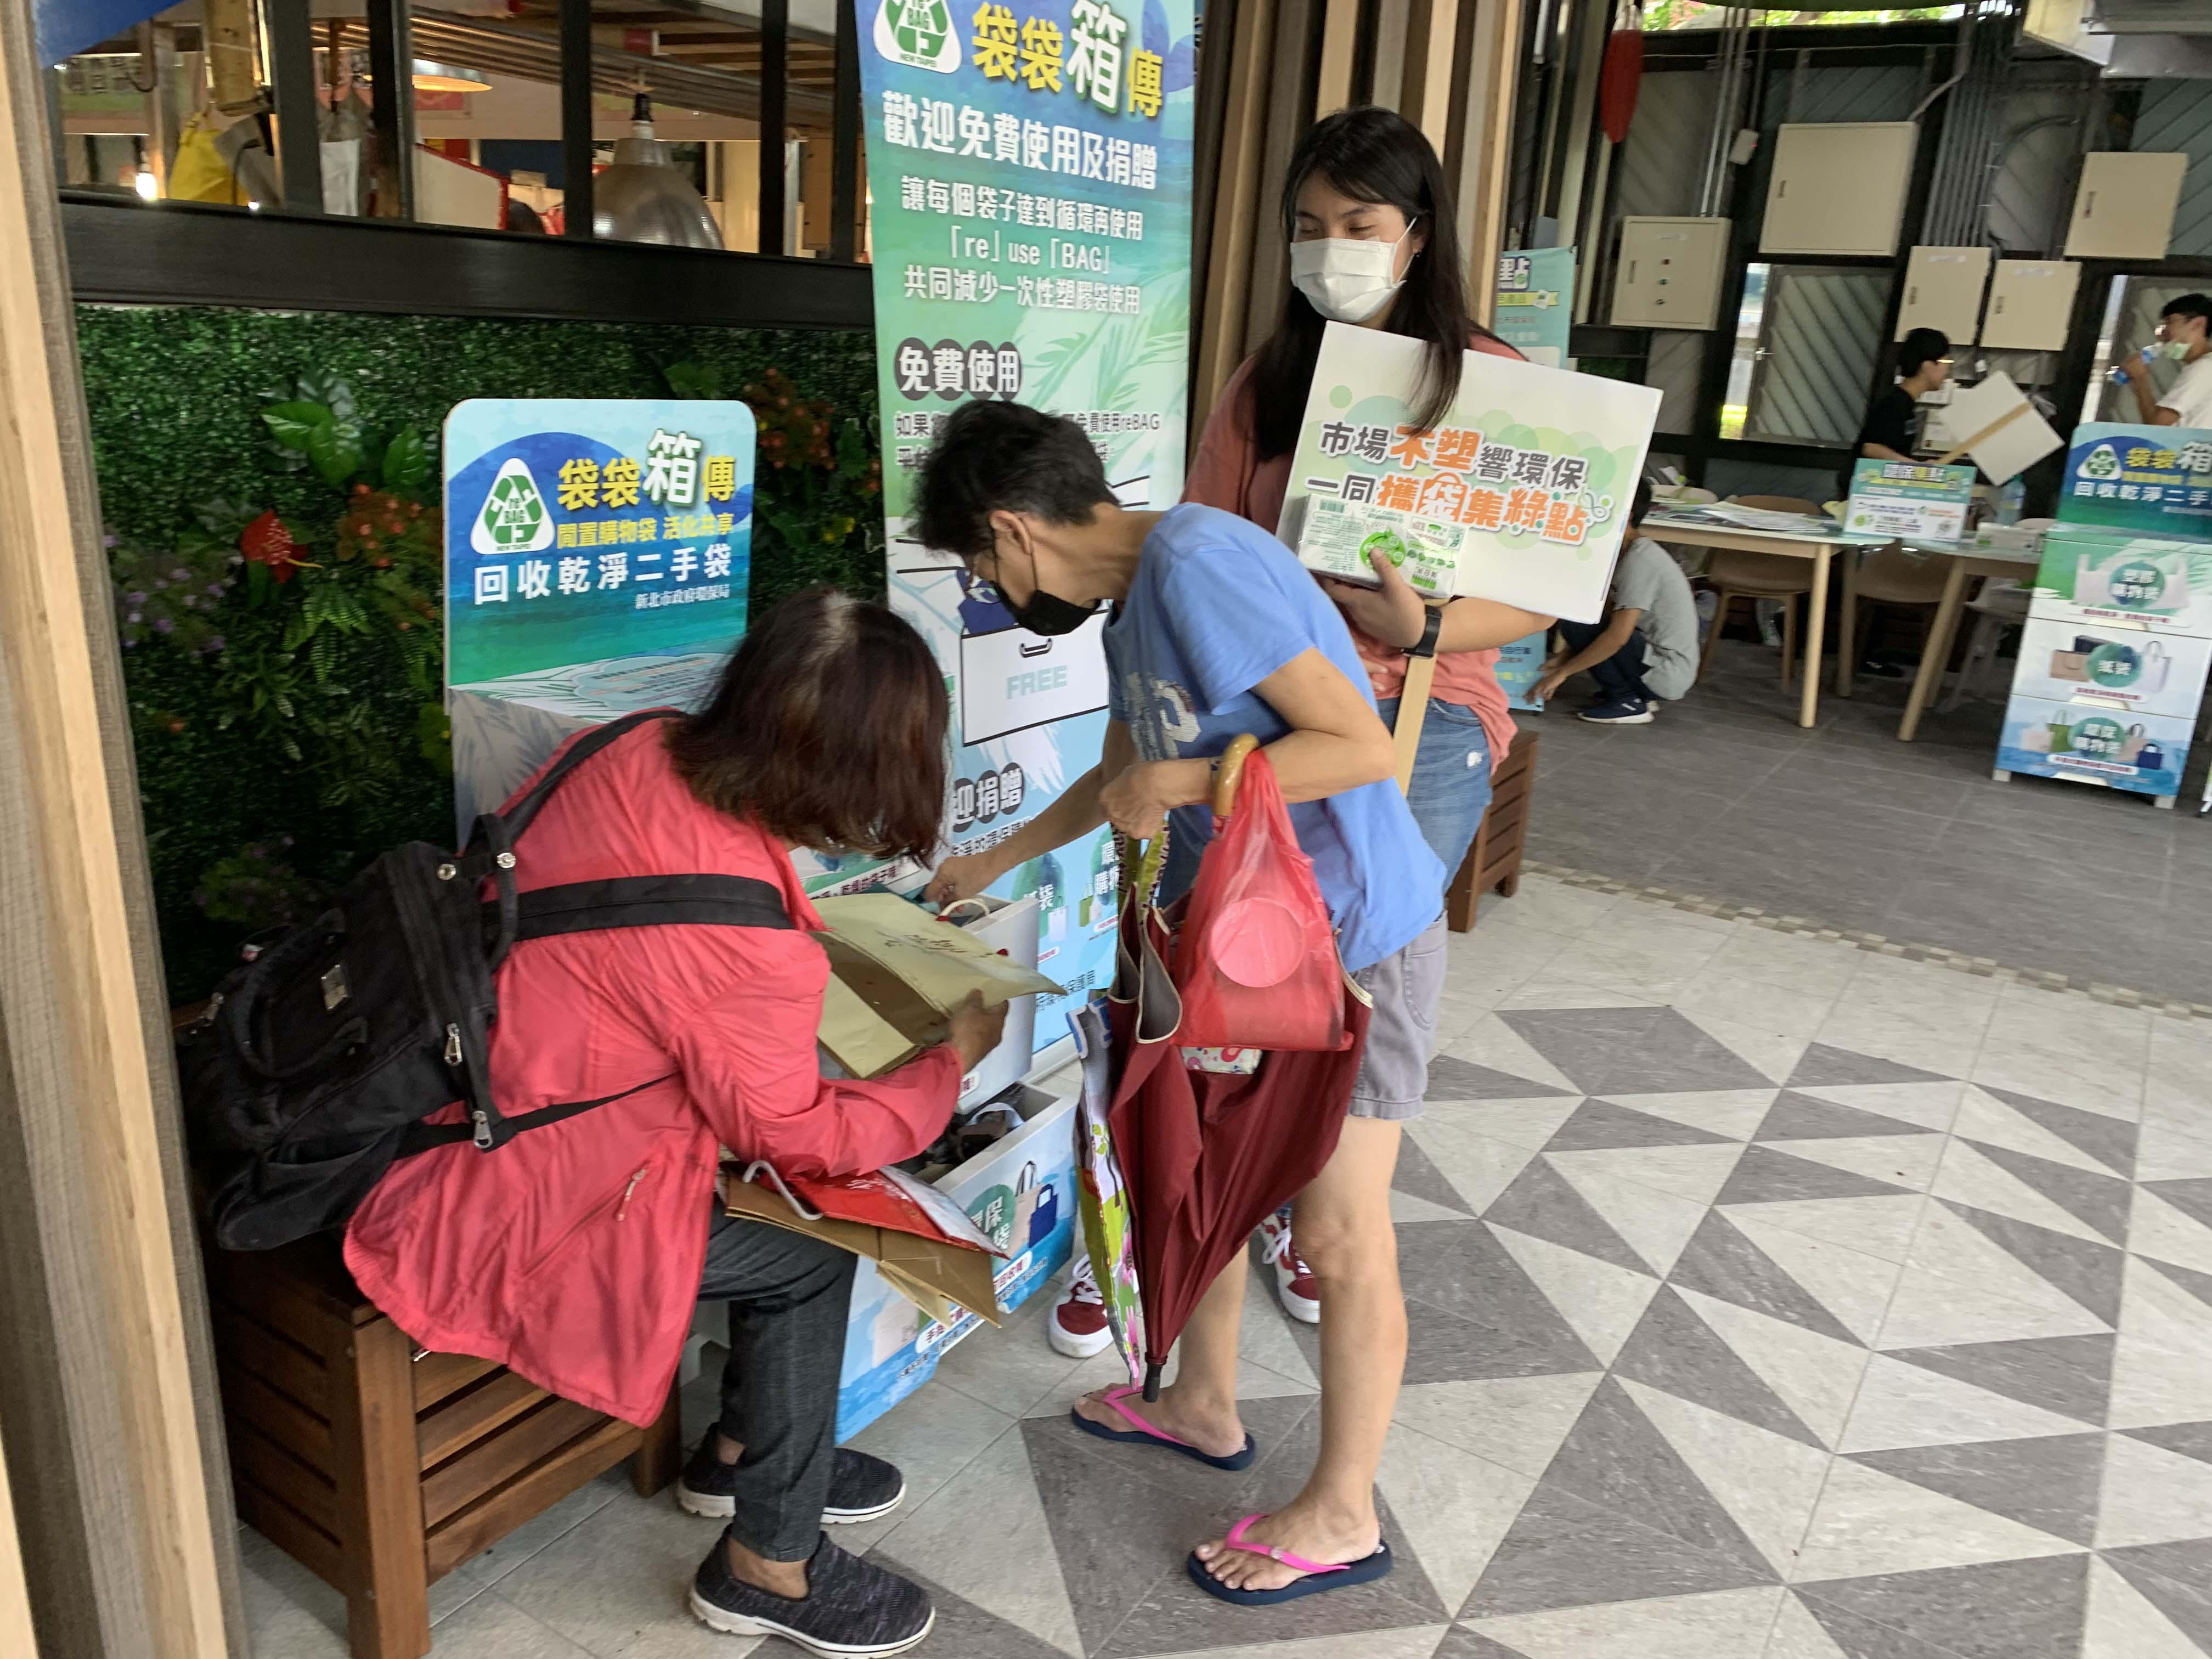 民眾現場使用不塑市場免費提供的re BAG 袋袋箱傳並享有優惠。